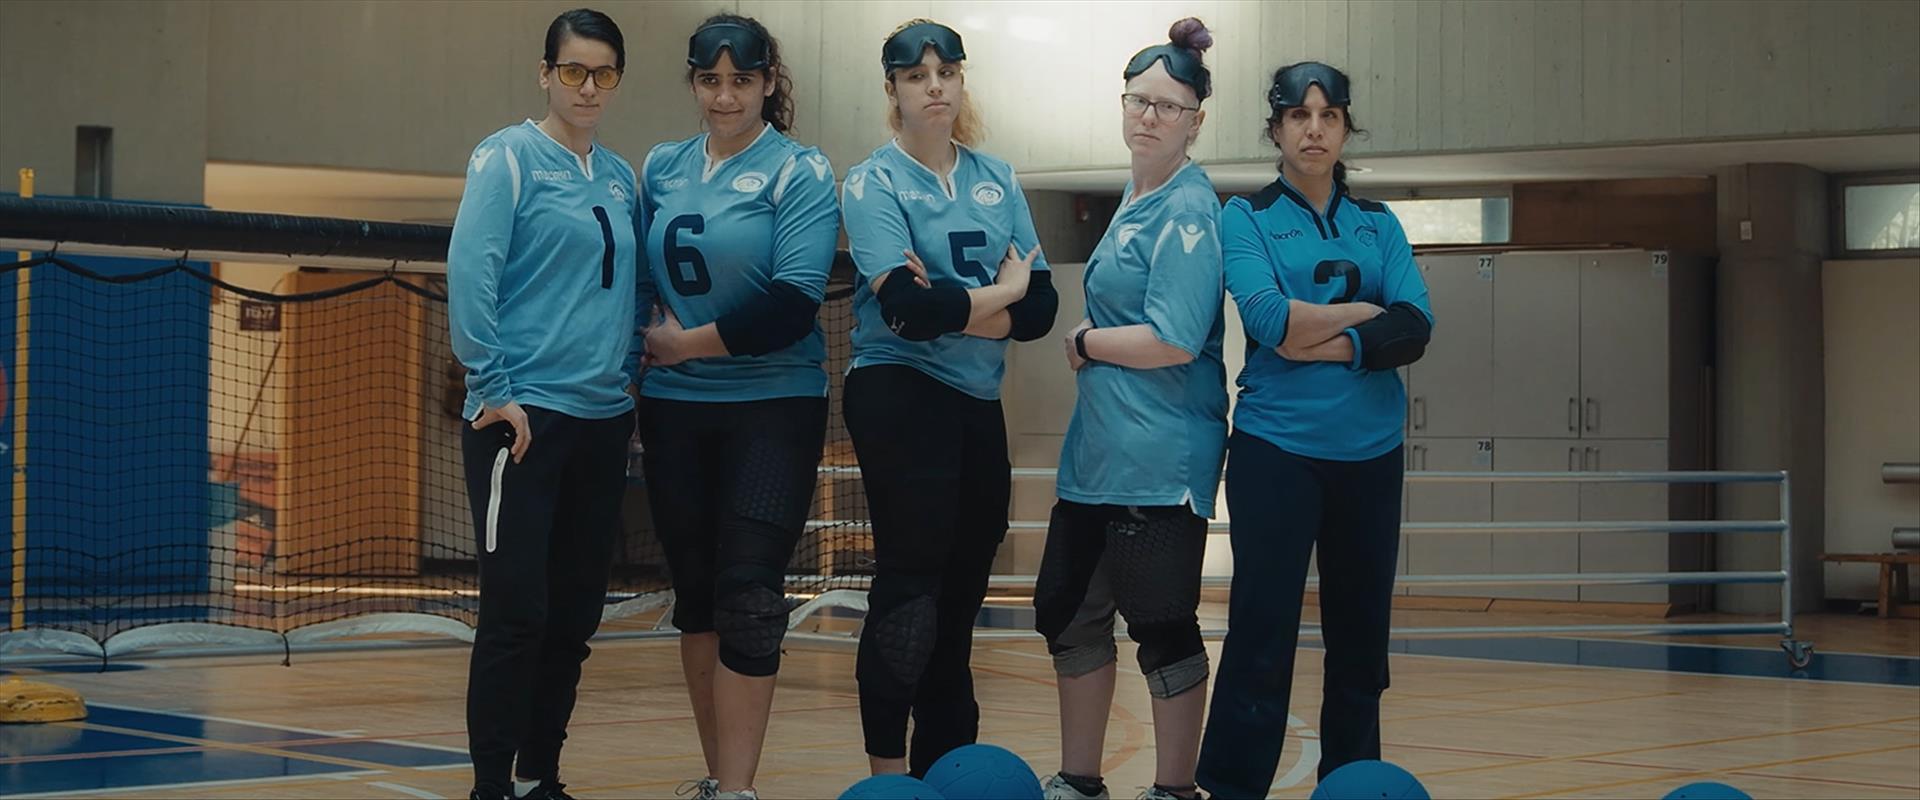 נבחרת ישראל בכדורשער - בדרך לטוקיו